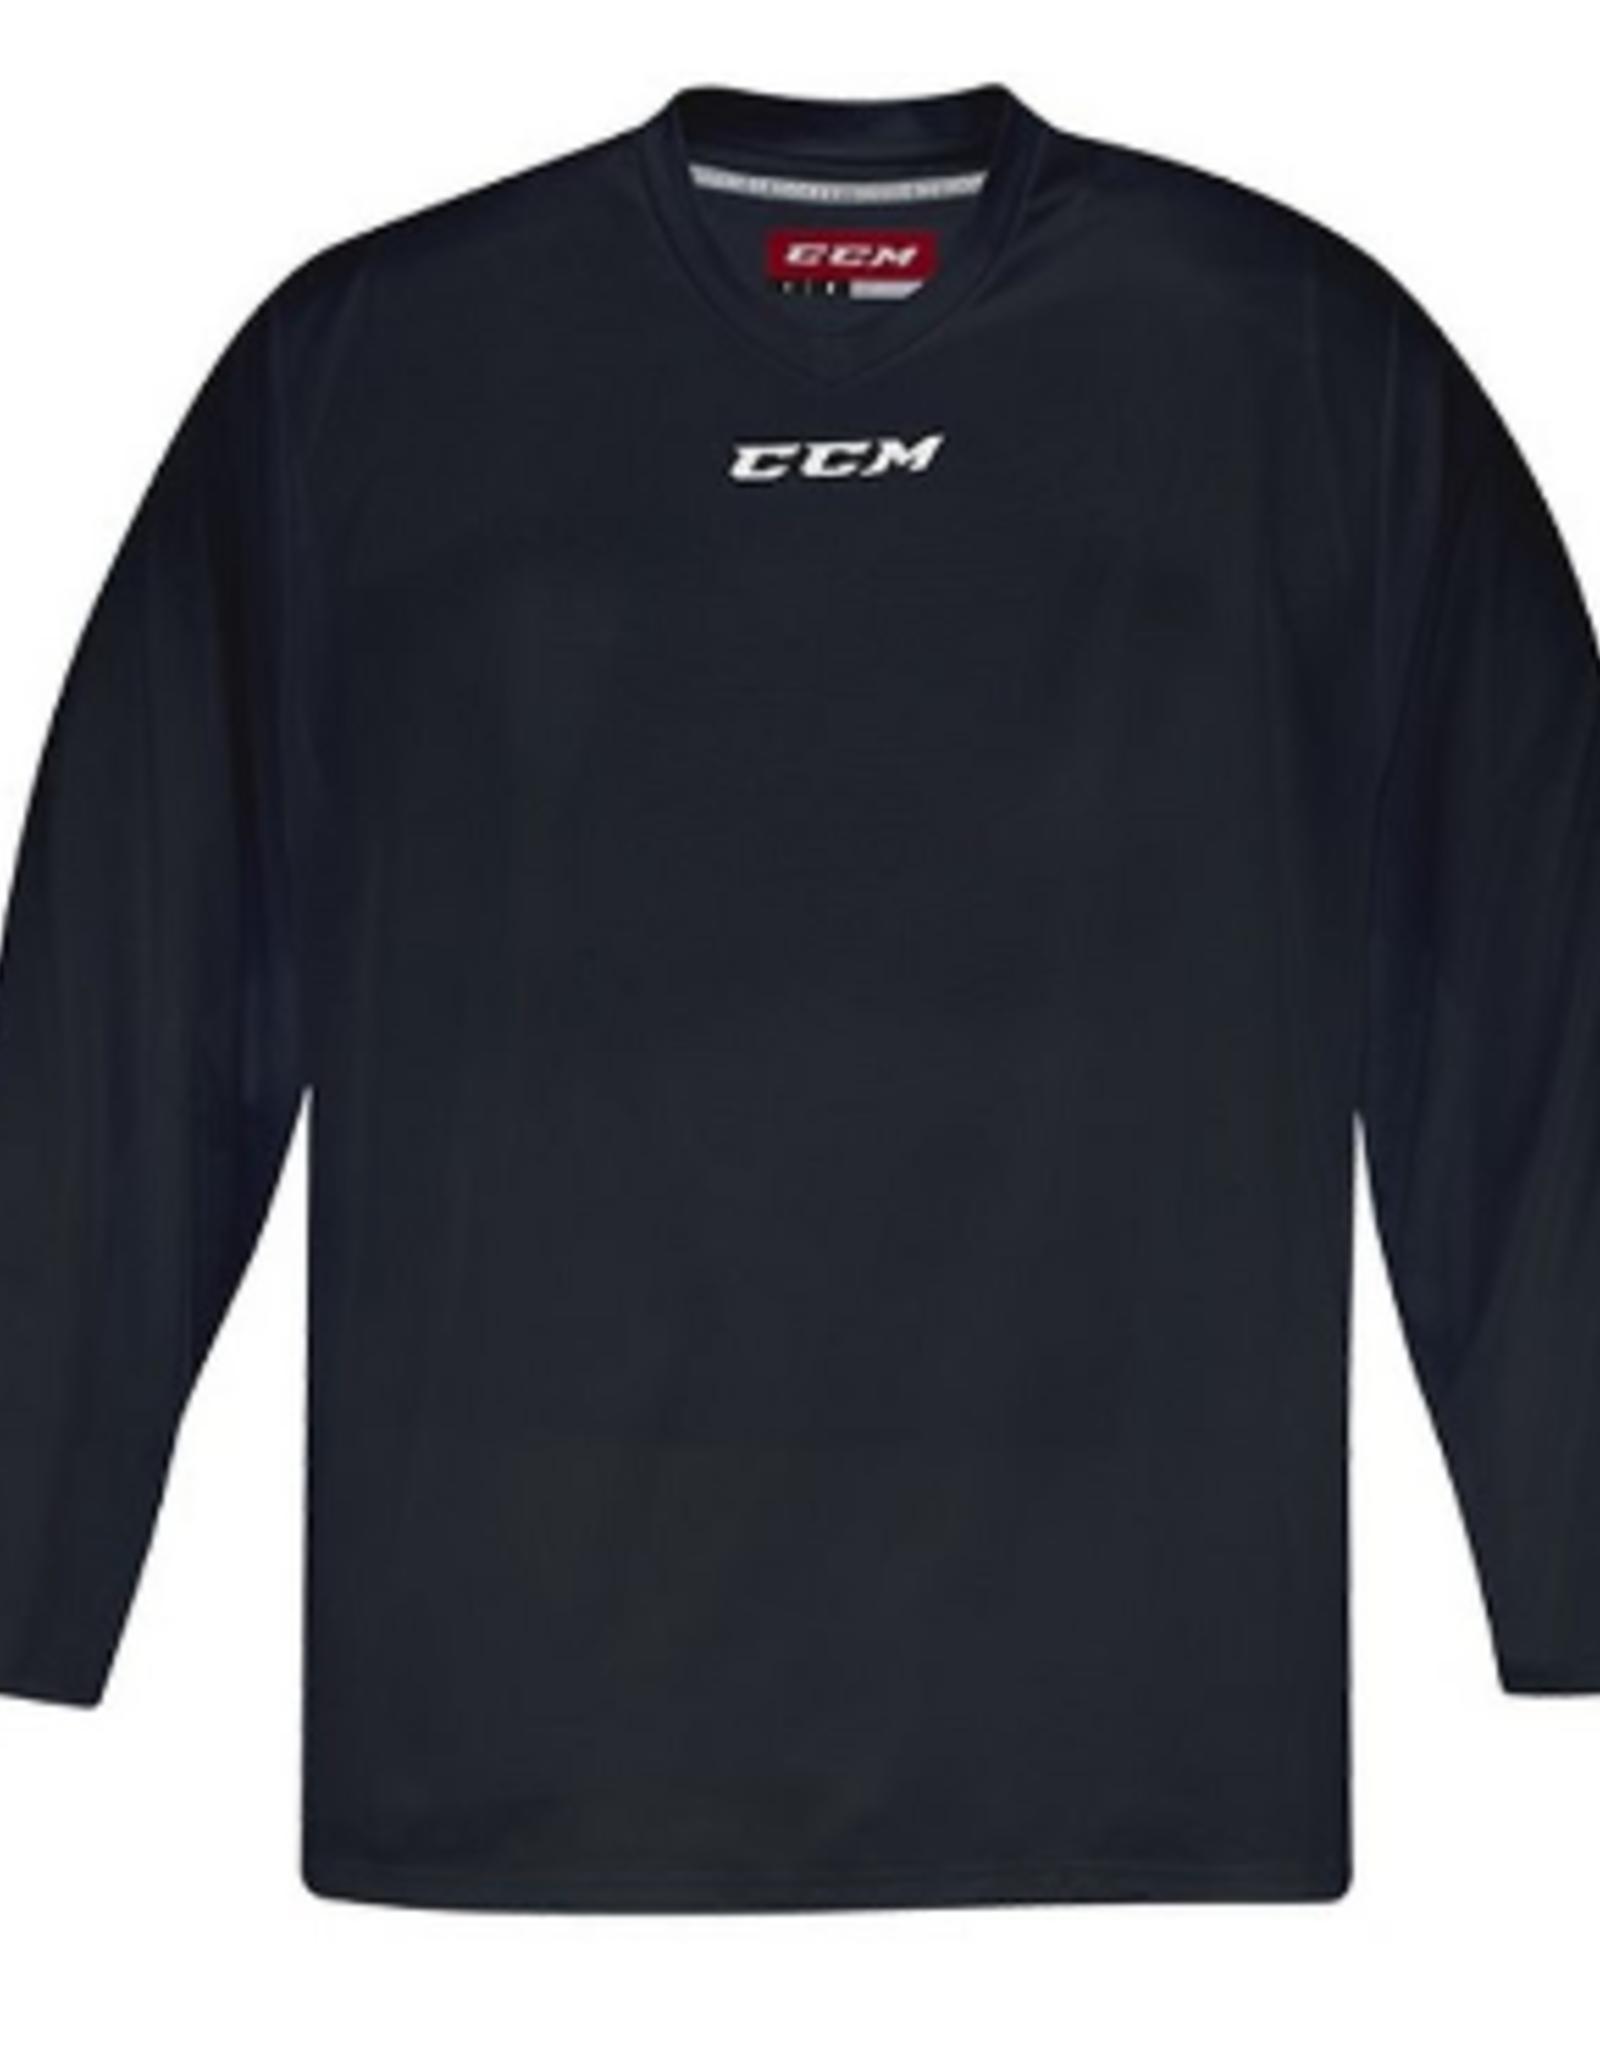 CCM Hockey 6000 SR MID PRAC BLACK/WHT v.1 12.01 S